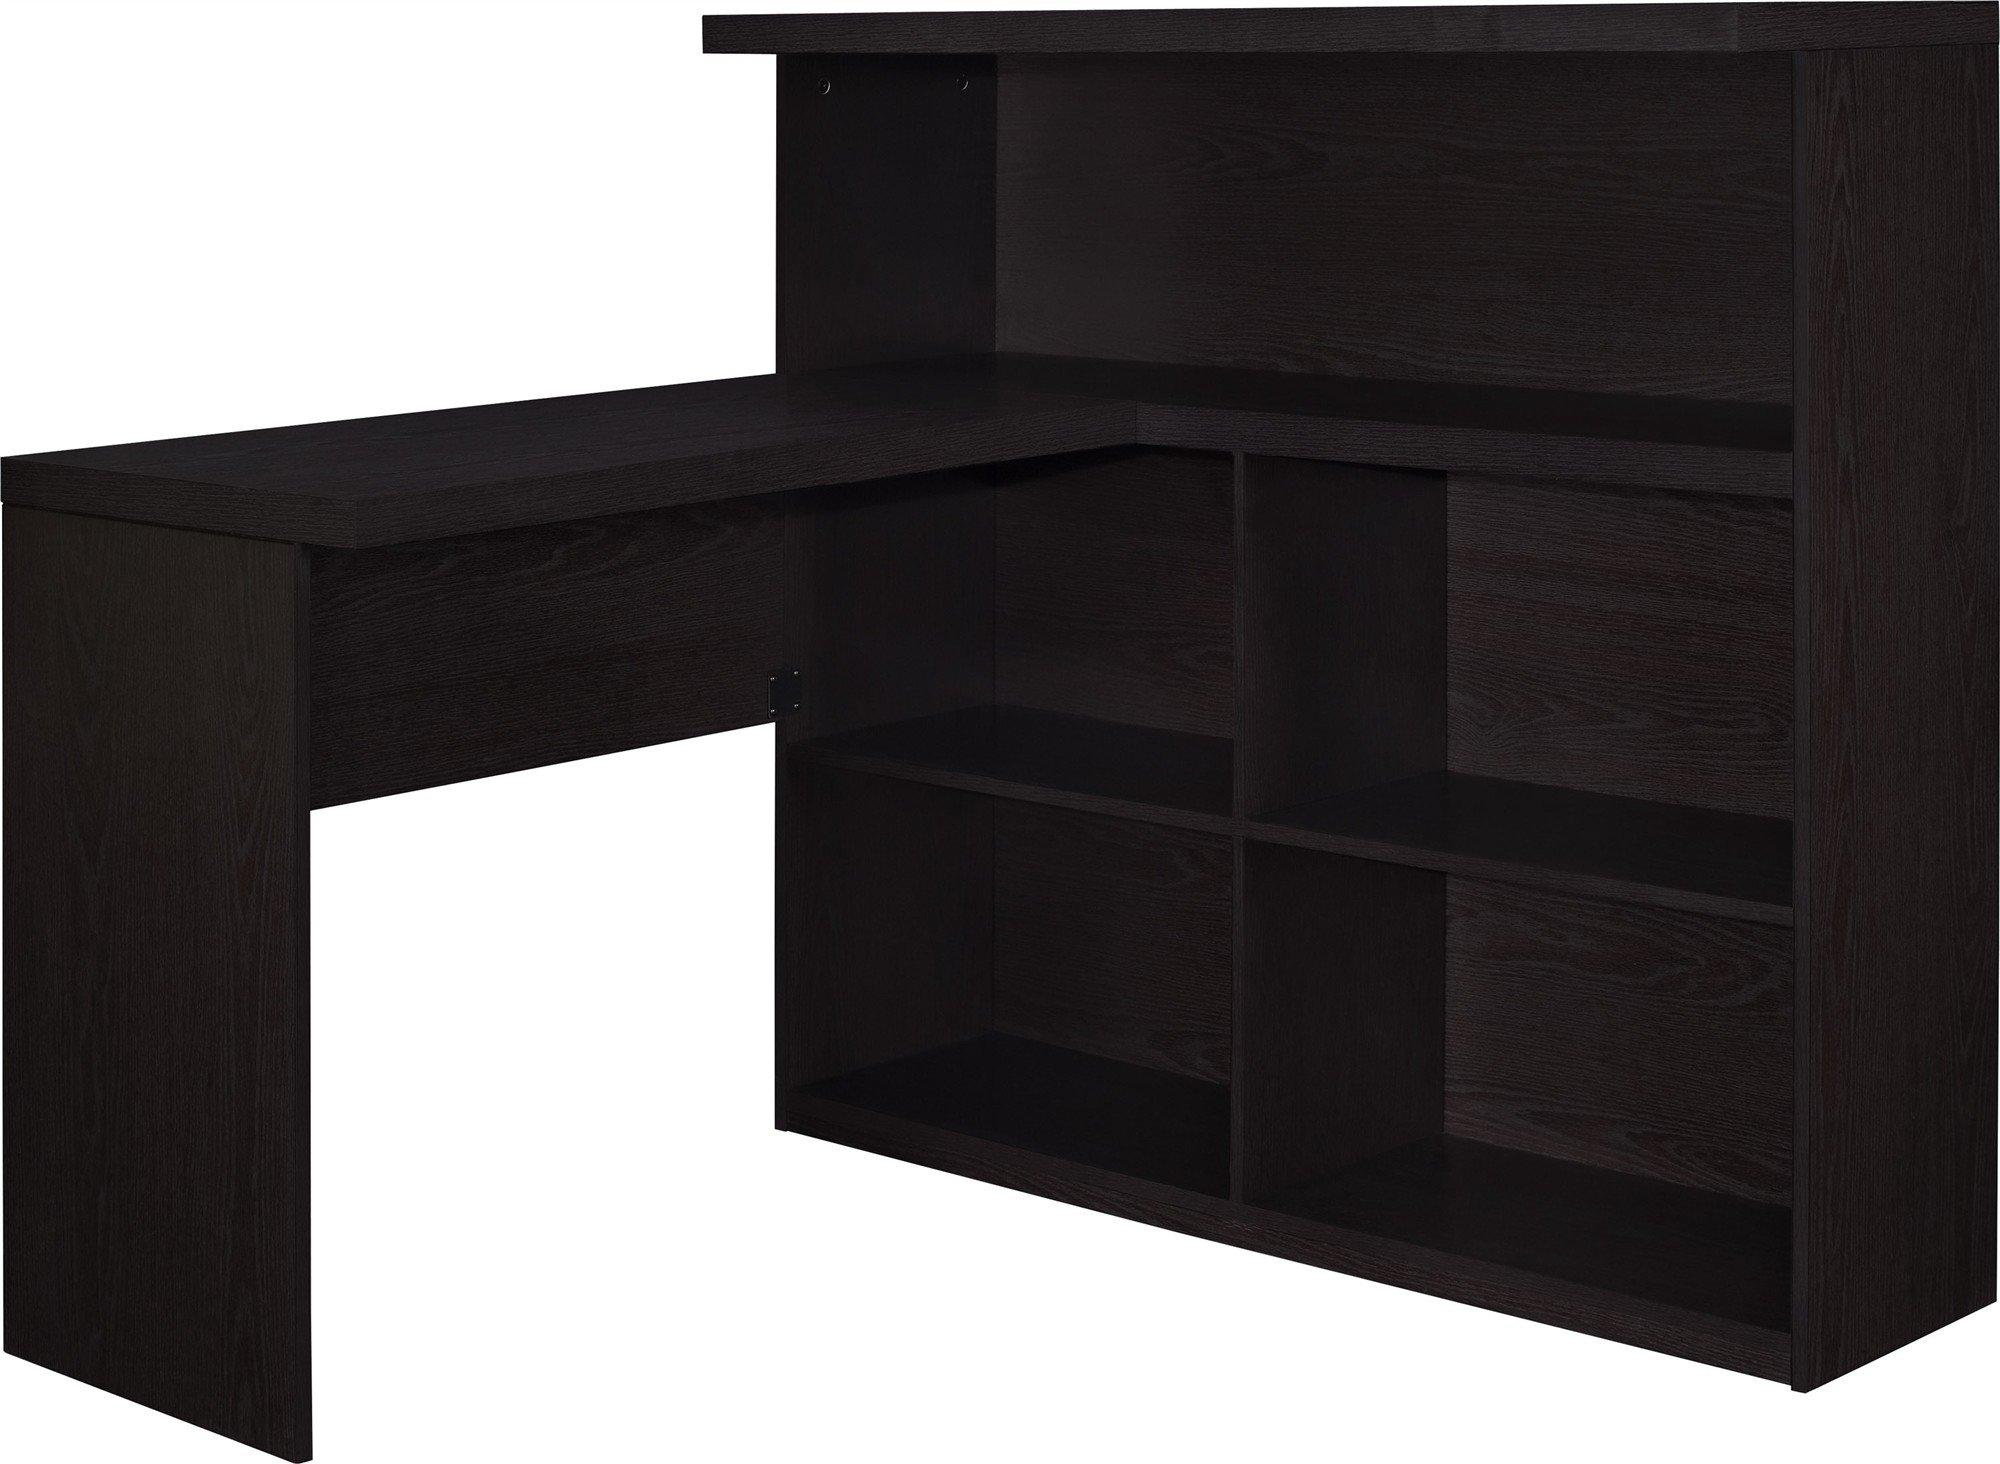 Altra Furniture Trillium Way Sit/Stand L-Shaped Desk, Espresso